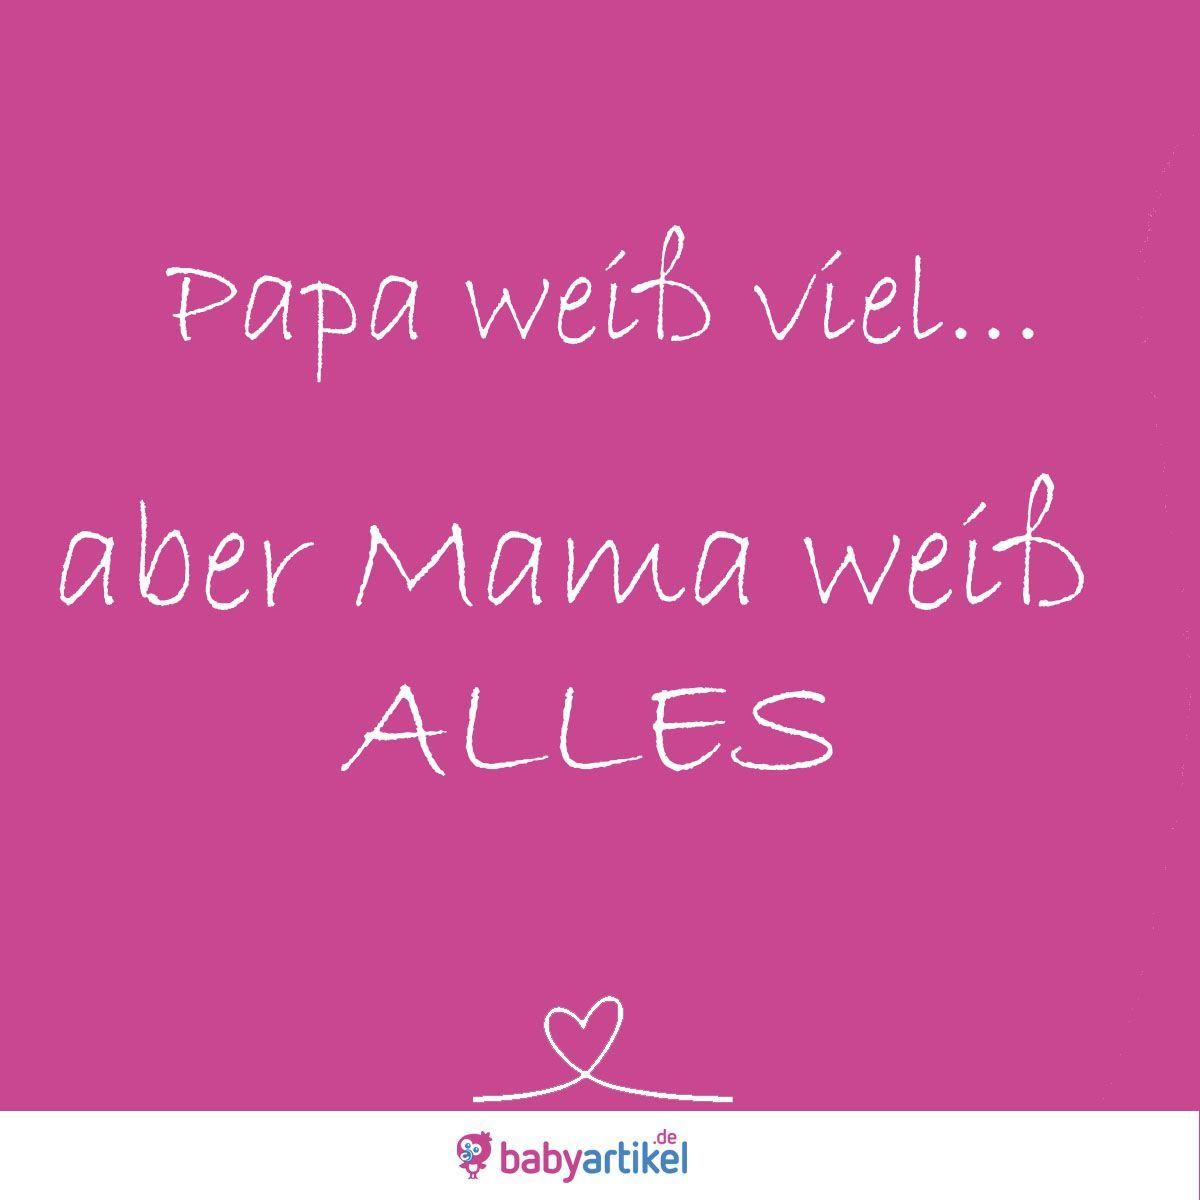 Valentinstag Spruche Fur Mama Mama Spruche Valentinstag Geburtstagswunsche Kurze Geburtstagswunsche Weisheiten Spruche